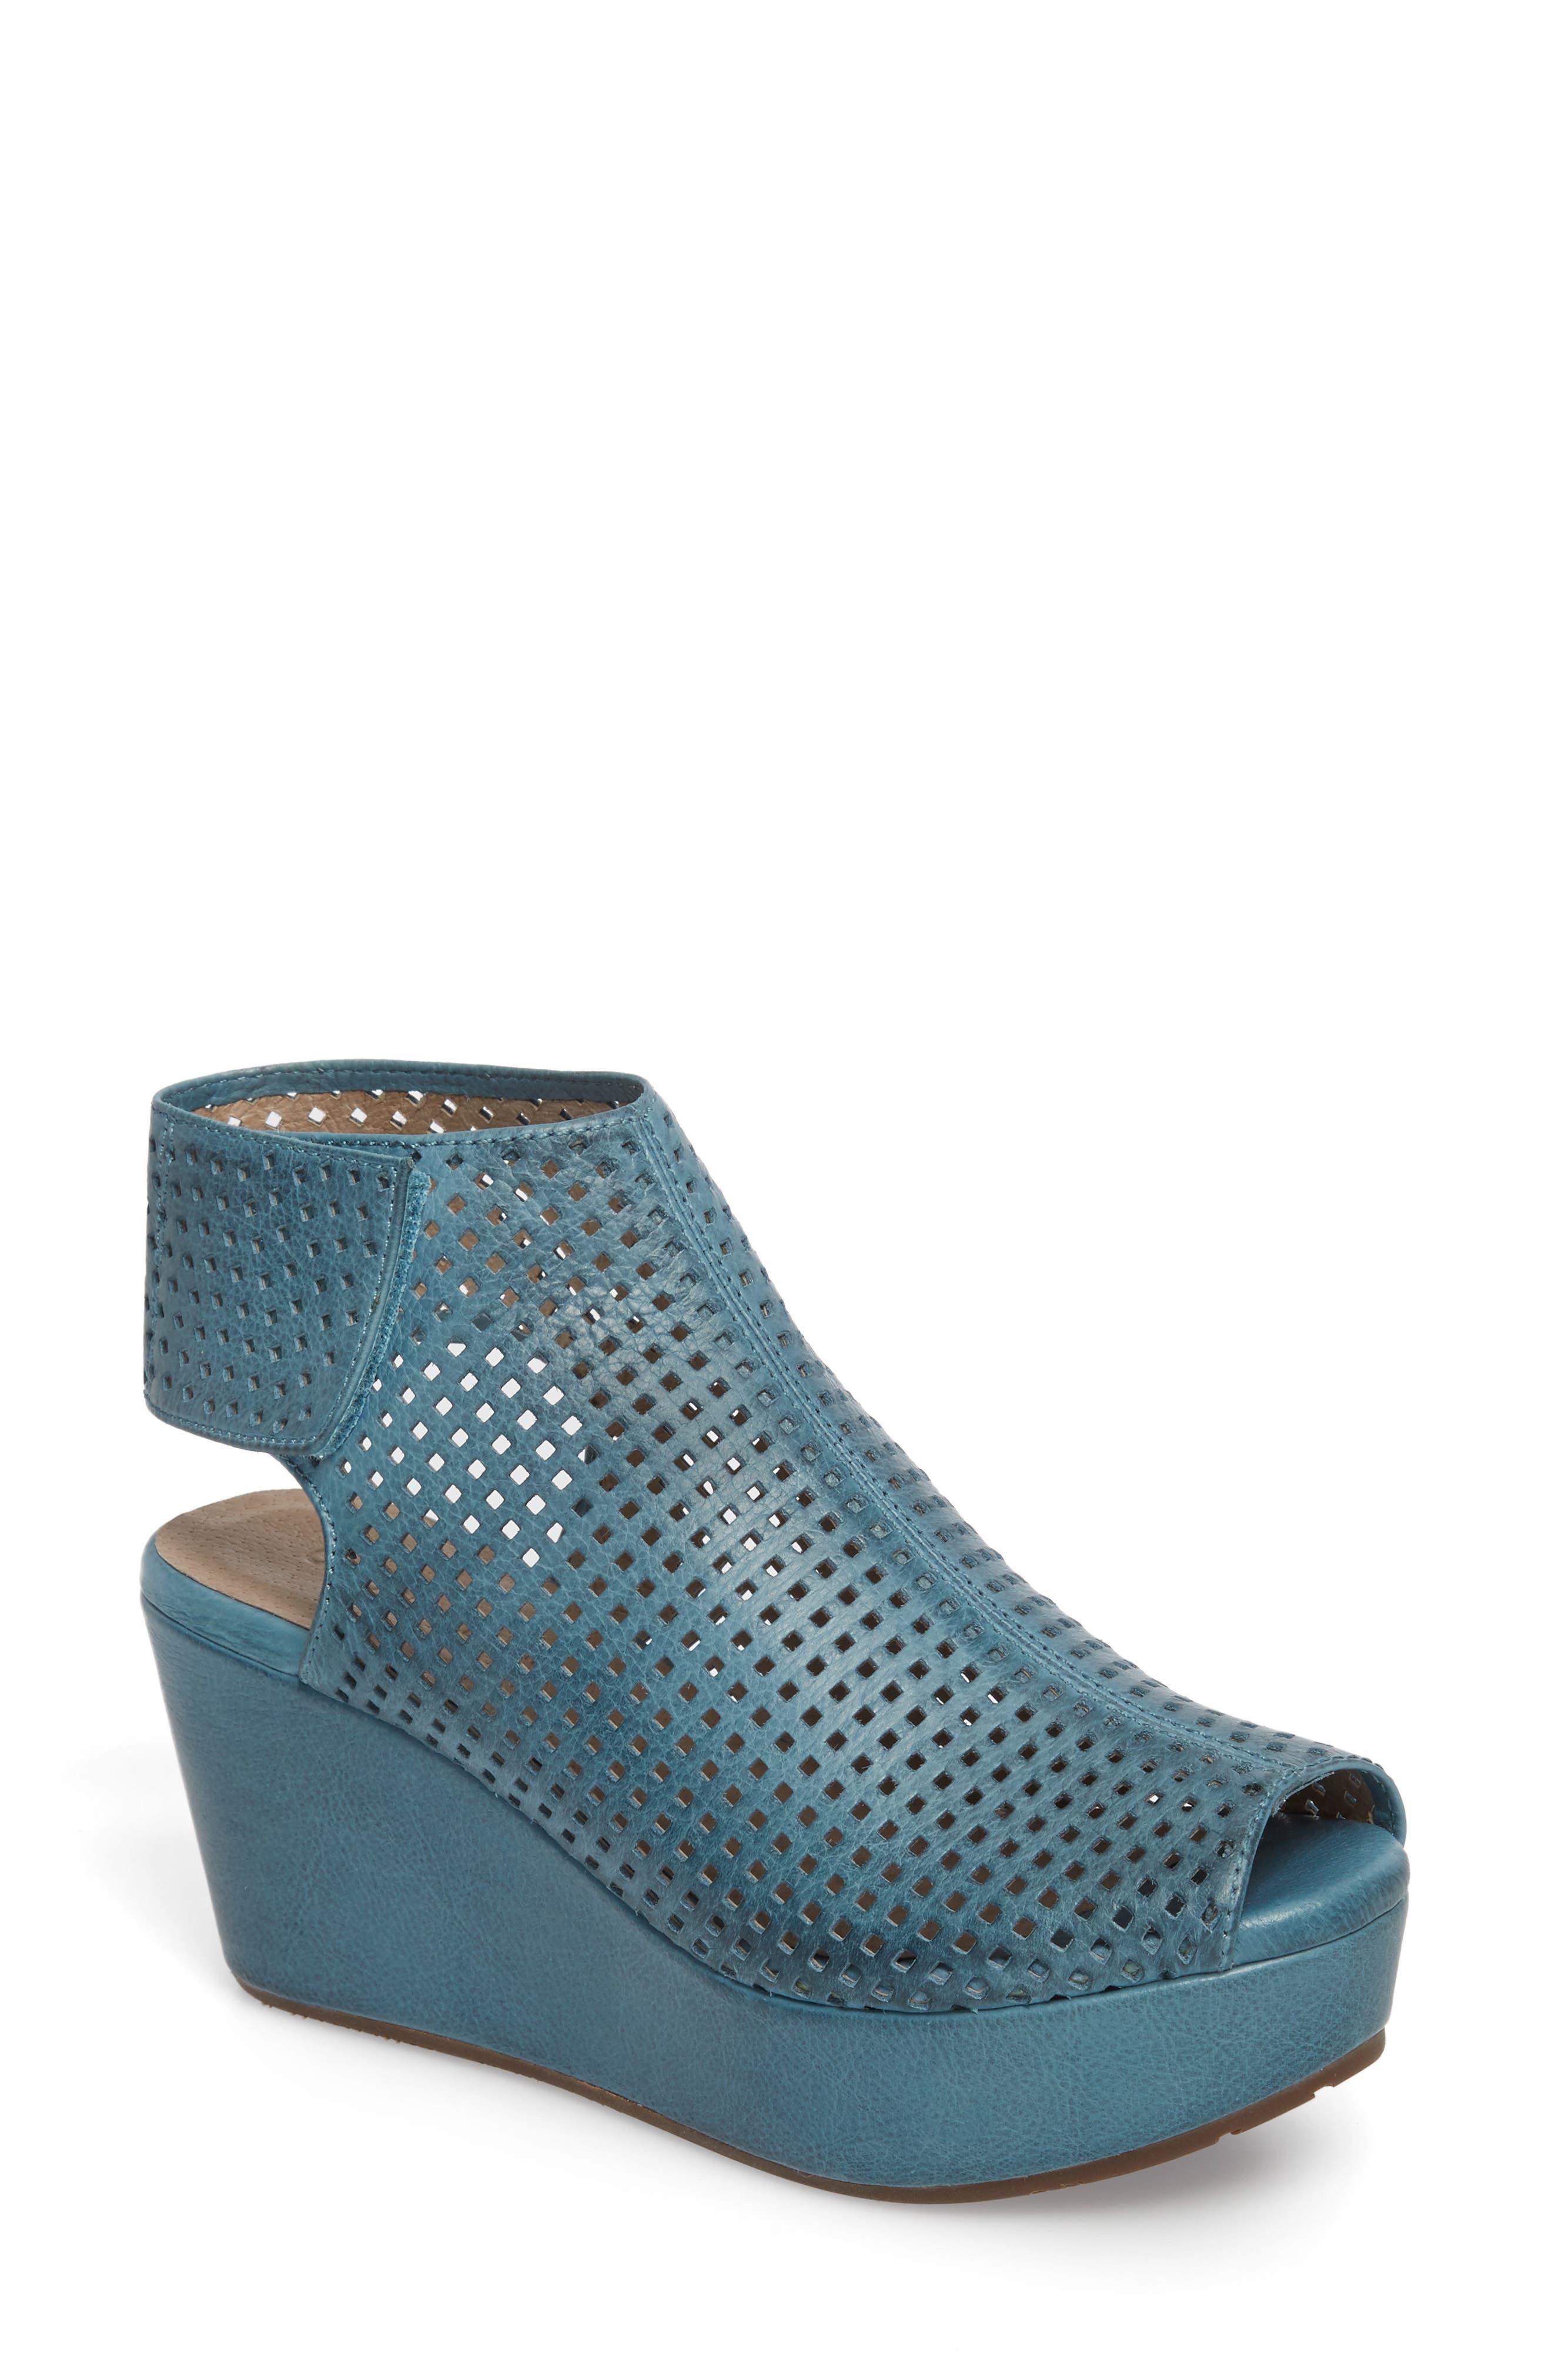 Main Image - Chocolat Blu Wing Perforated Platform Wedge (Women)